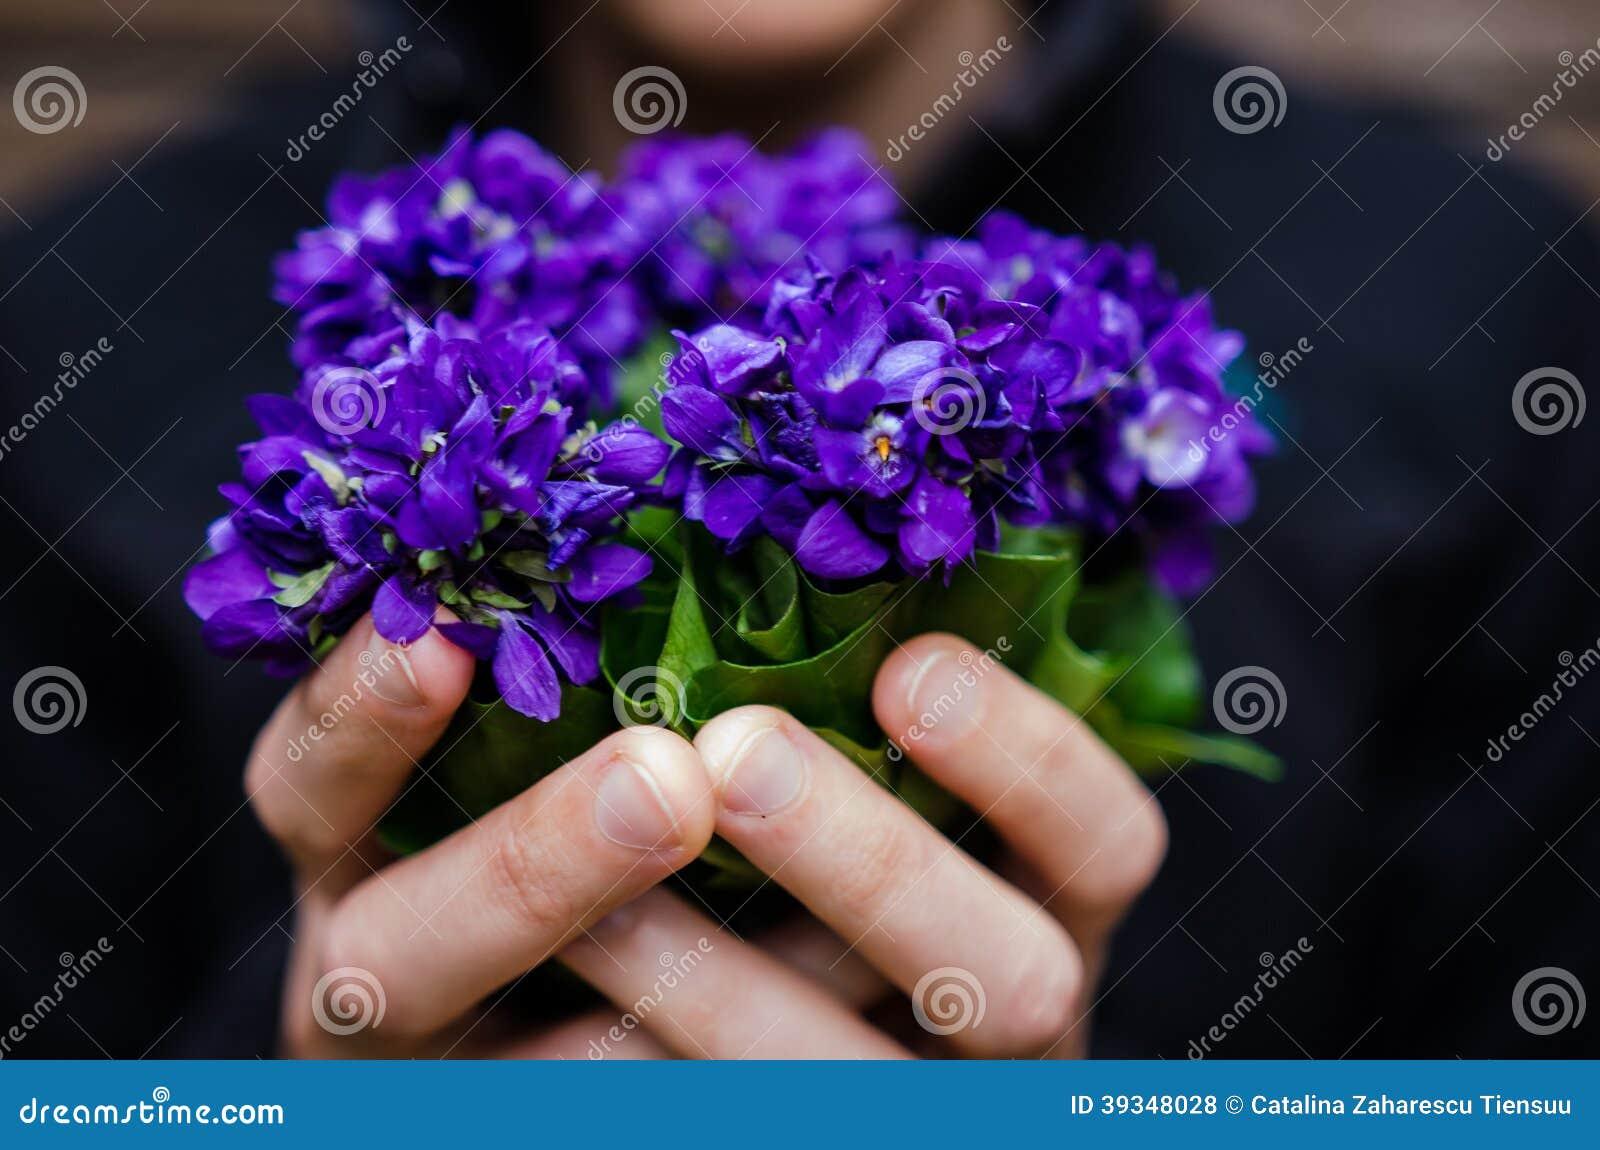 Anniversaire Ajonc La-violette-fleurit-le-bouquet-39348028